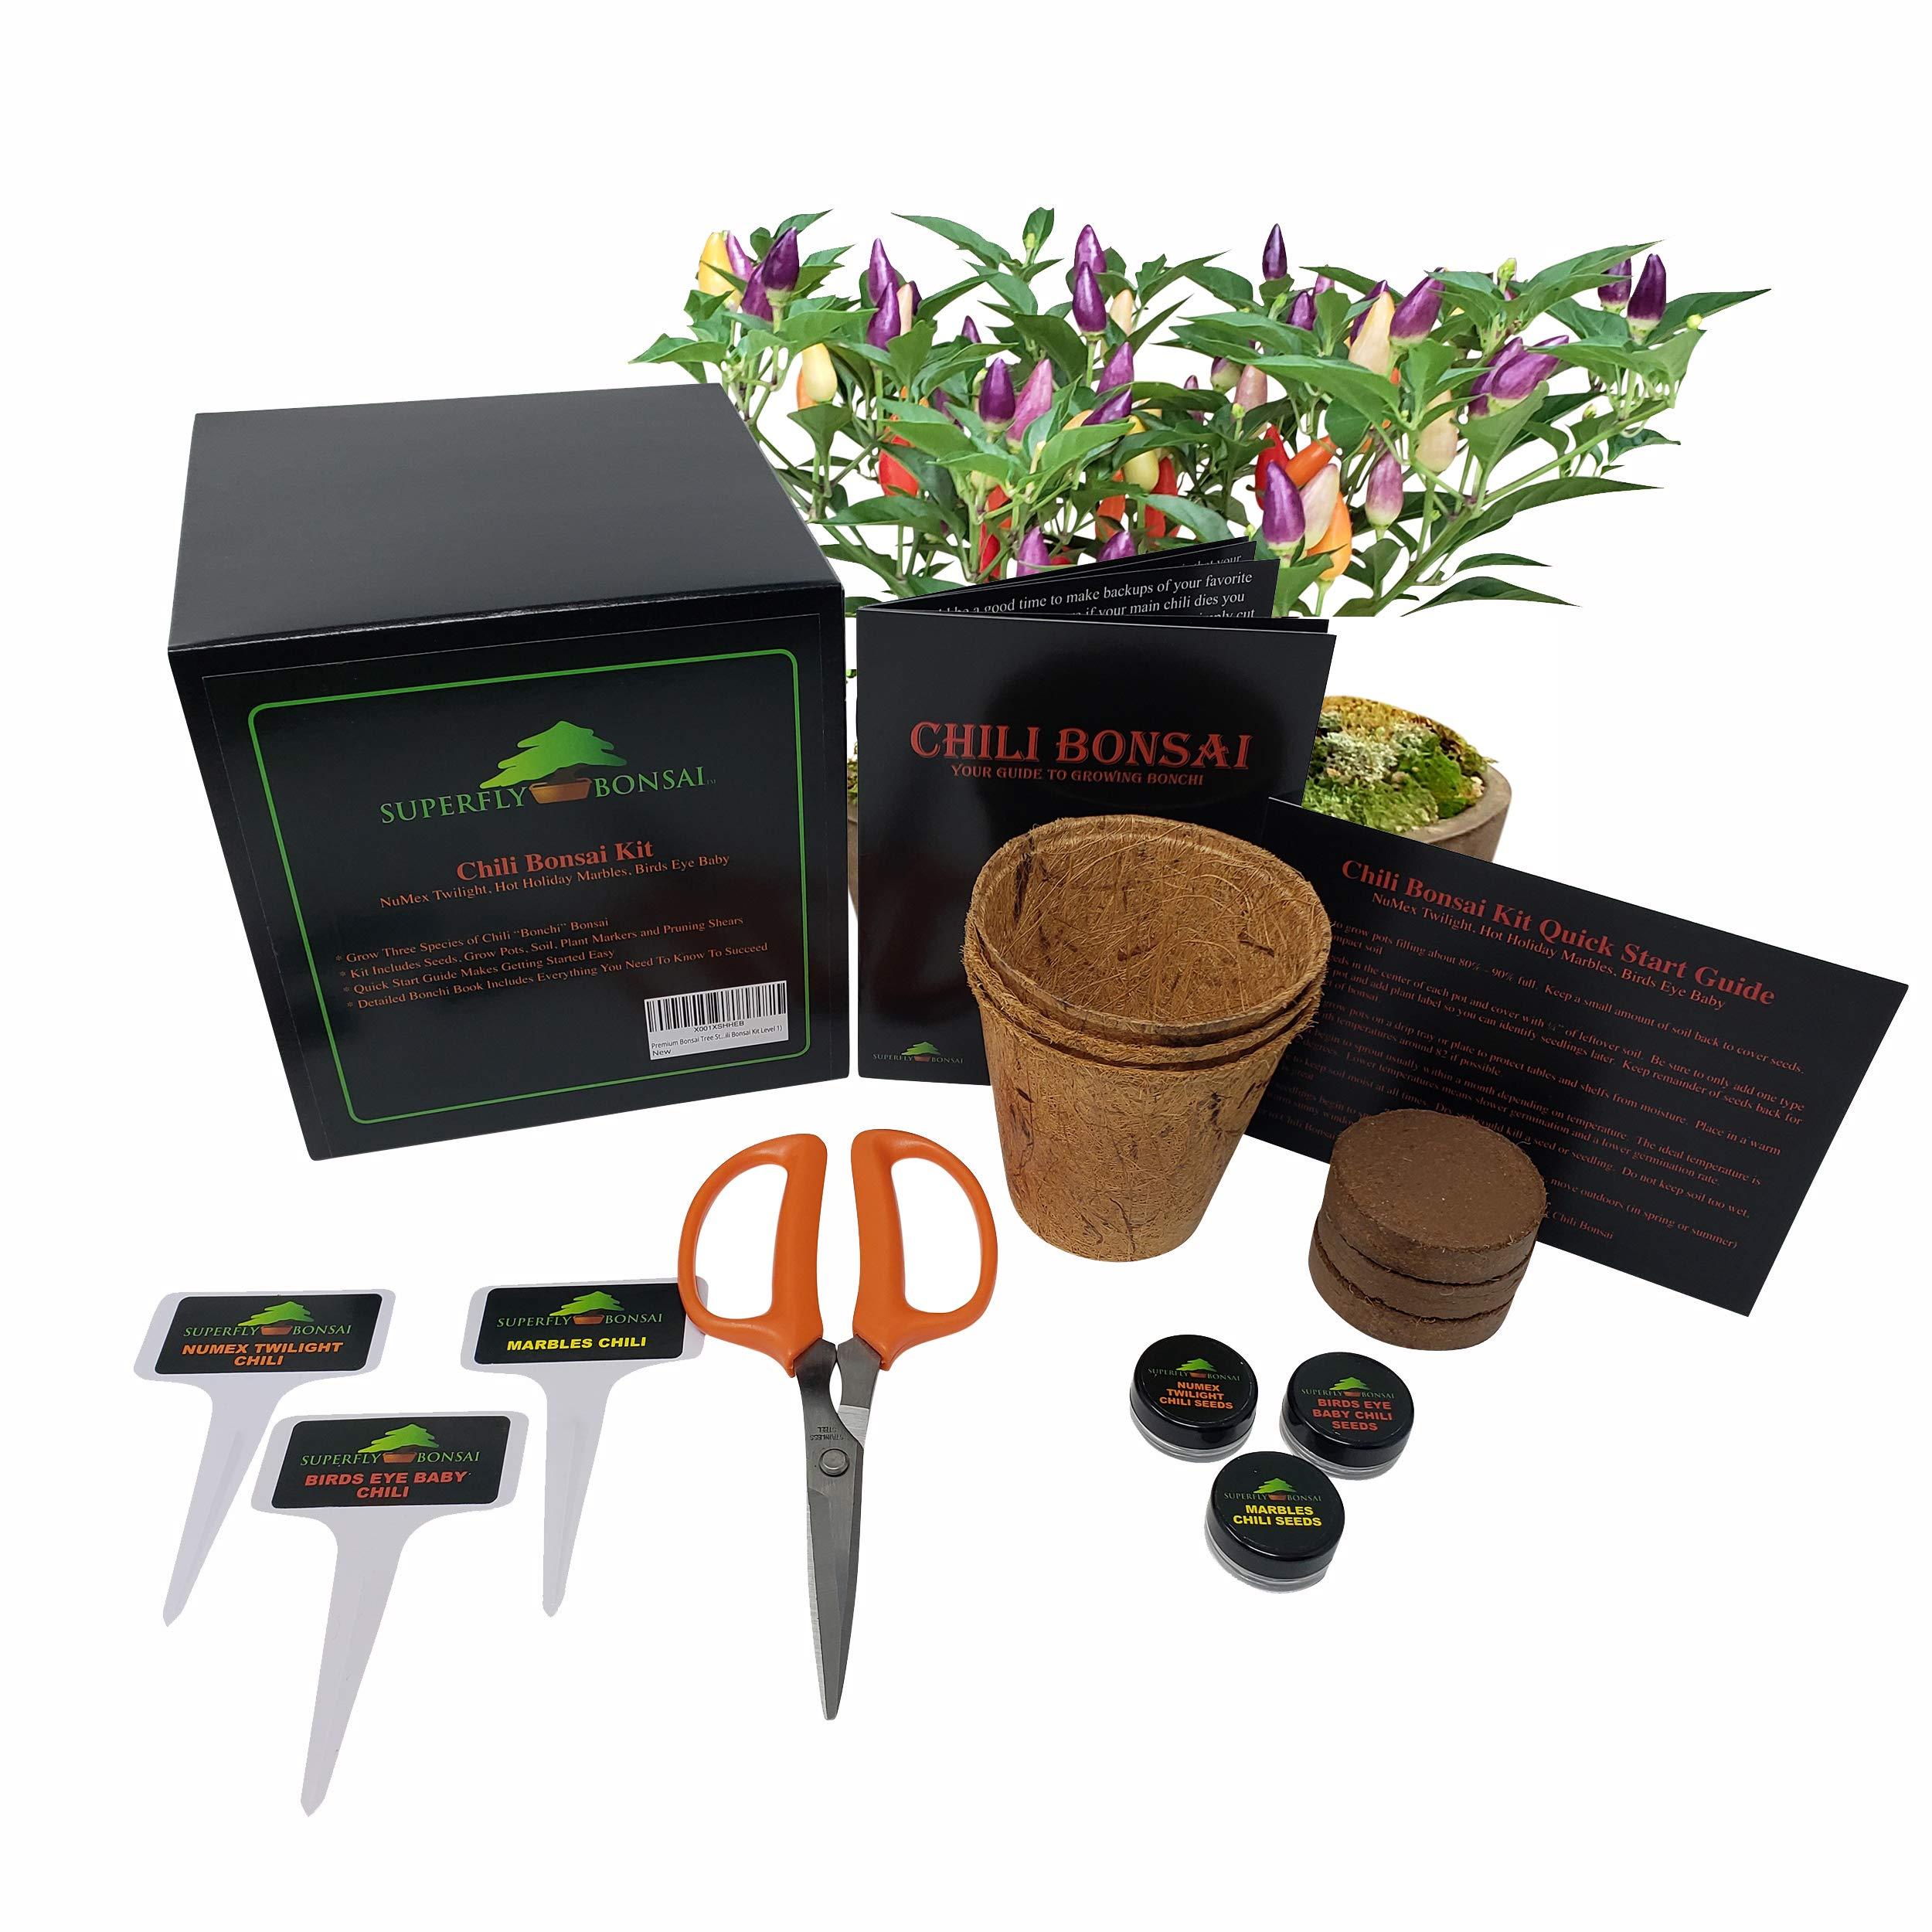 Chili Bonsai Seed Kit - Hot Pepper Bonchi Tree Starter Kit (Chili Bonsai Kit Level 1)